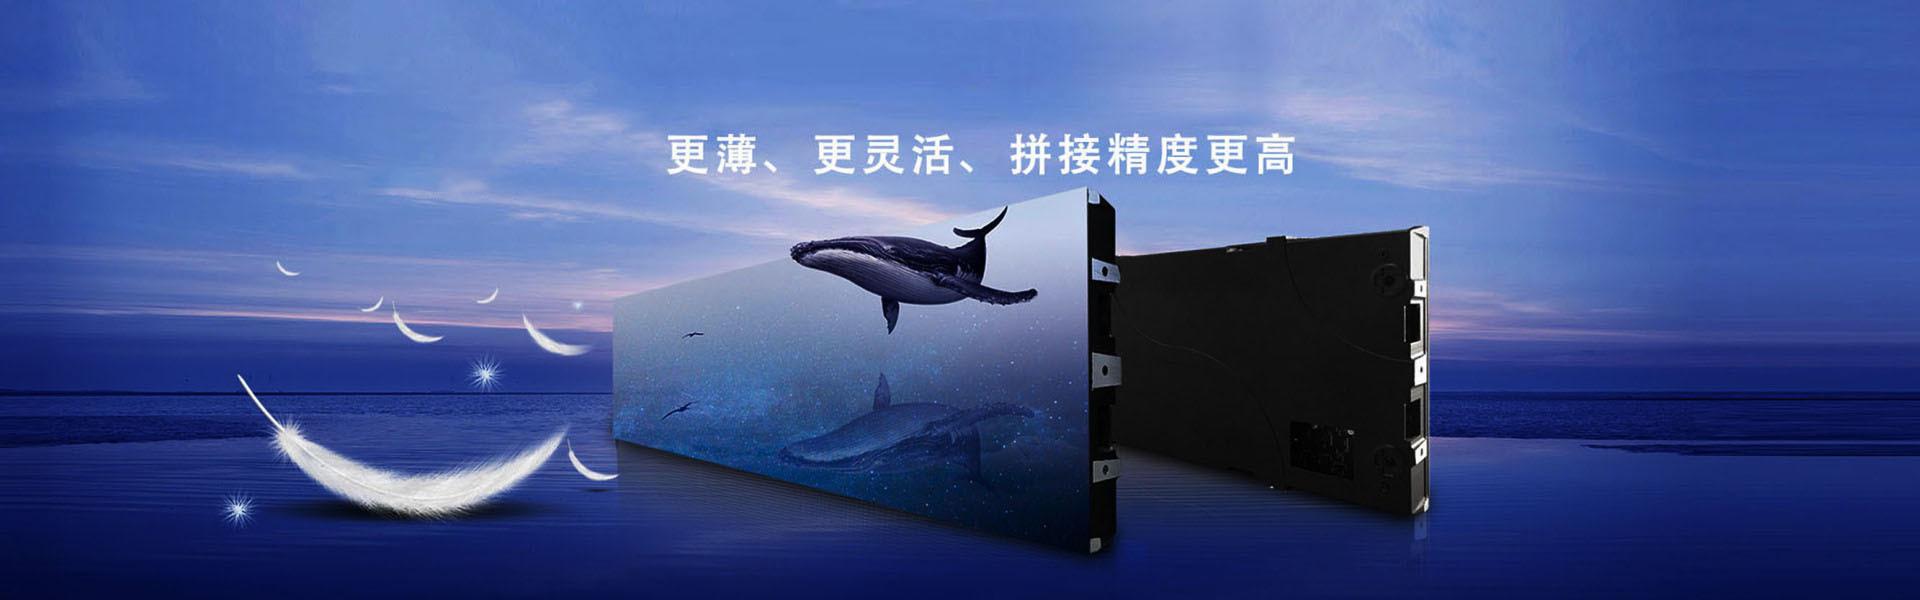 银川LED显示屏,宁夏LED显示屏,宁夏新百丰科技发展有限公司产品丰富